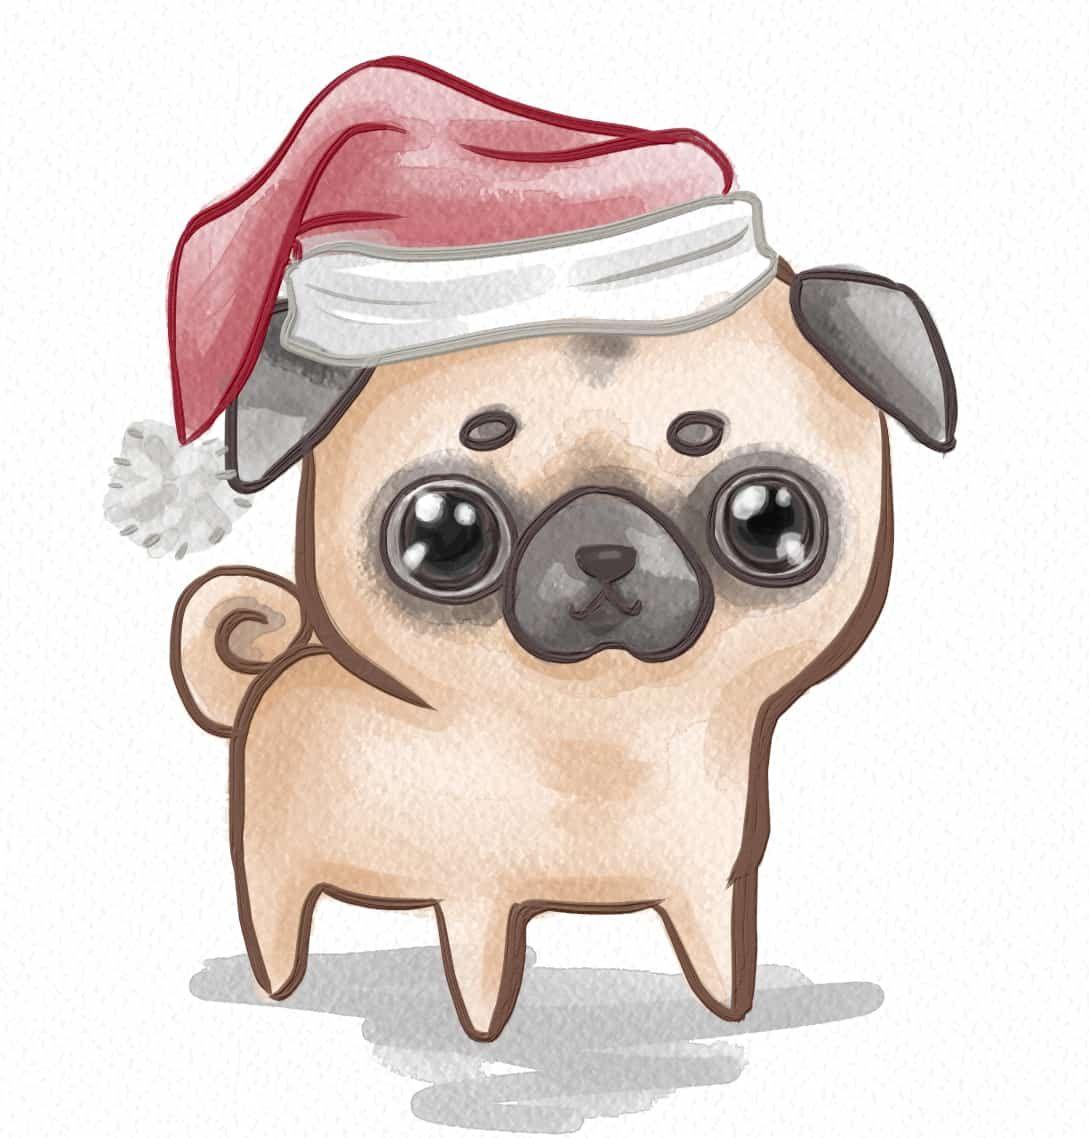 Chibi pug pugspugspugs pinterest pugs pug love and